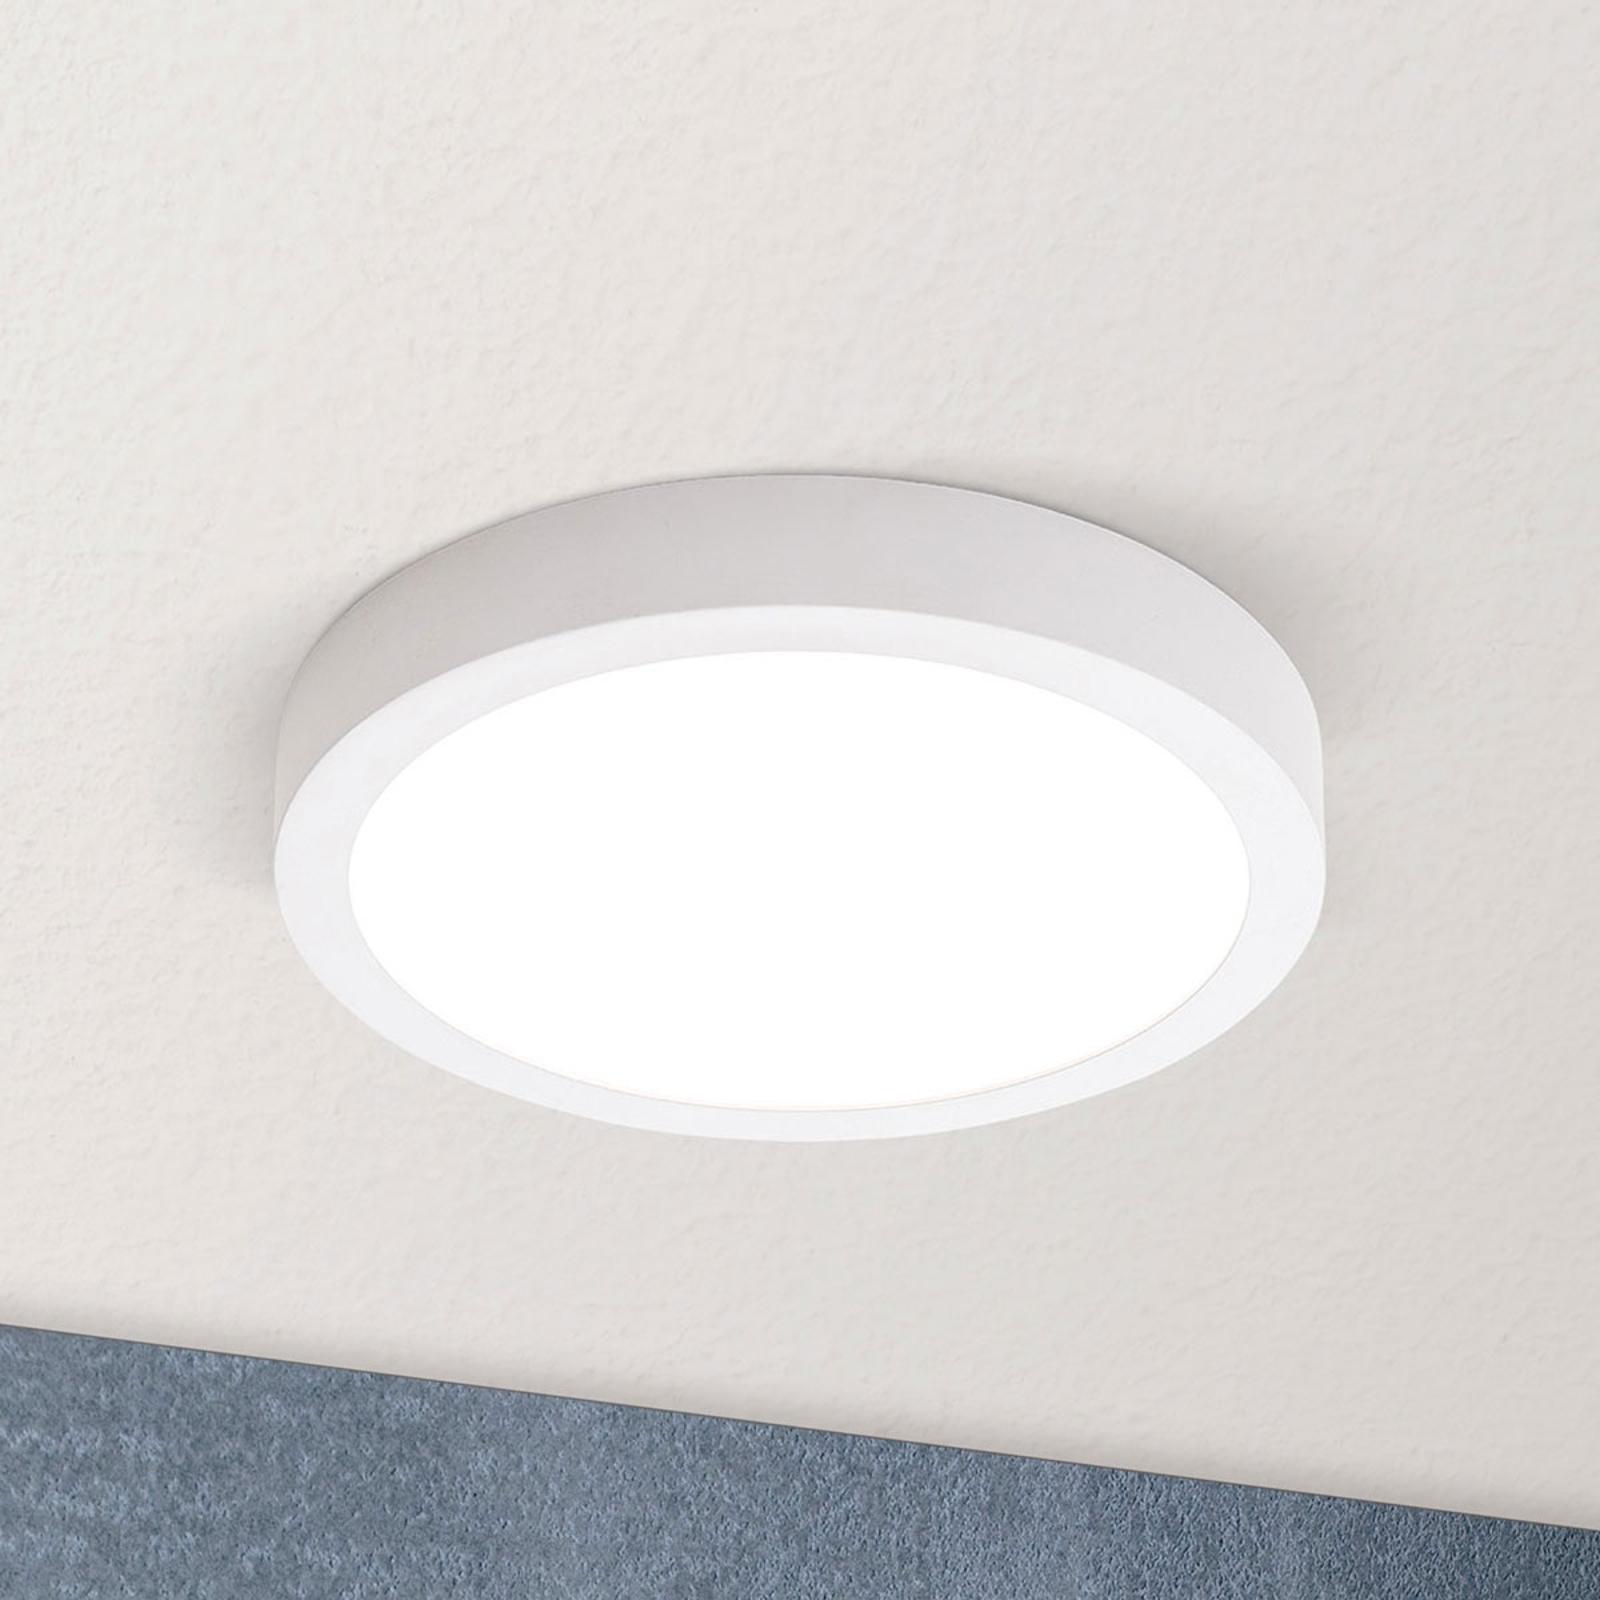 LED-kattovalaisin Vika, pyöreä, valkoinen, Ø 18cm